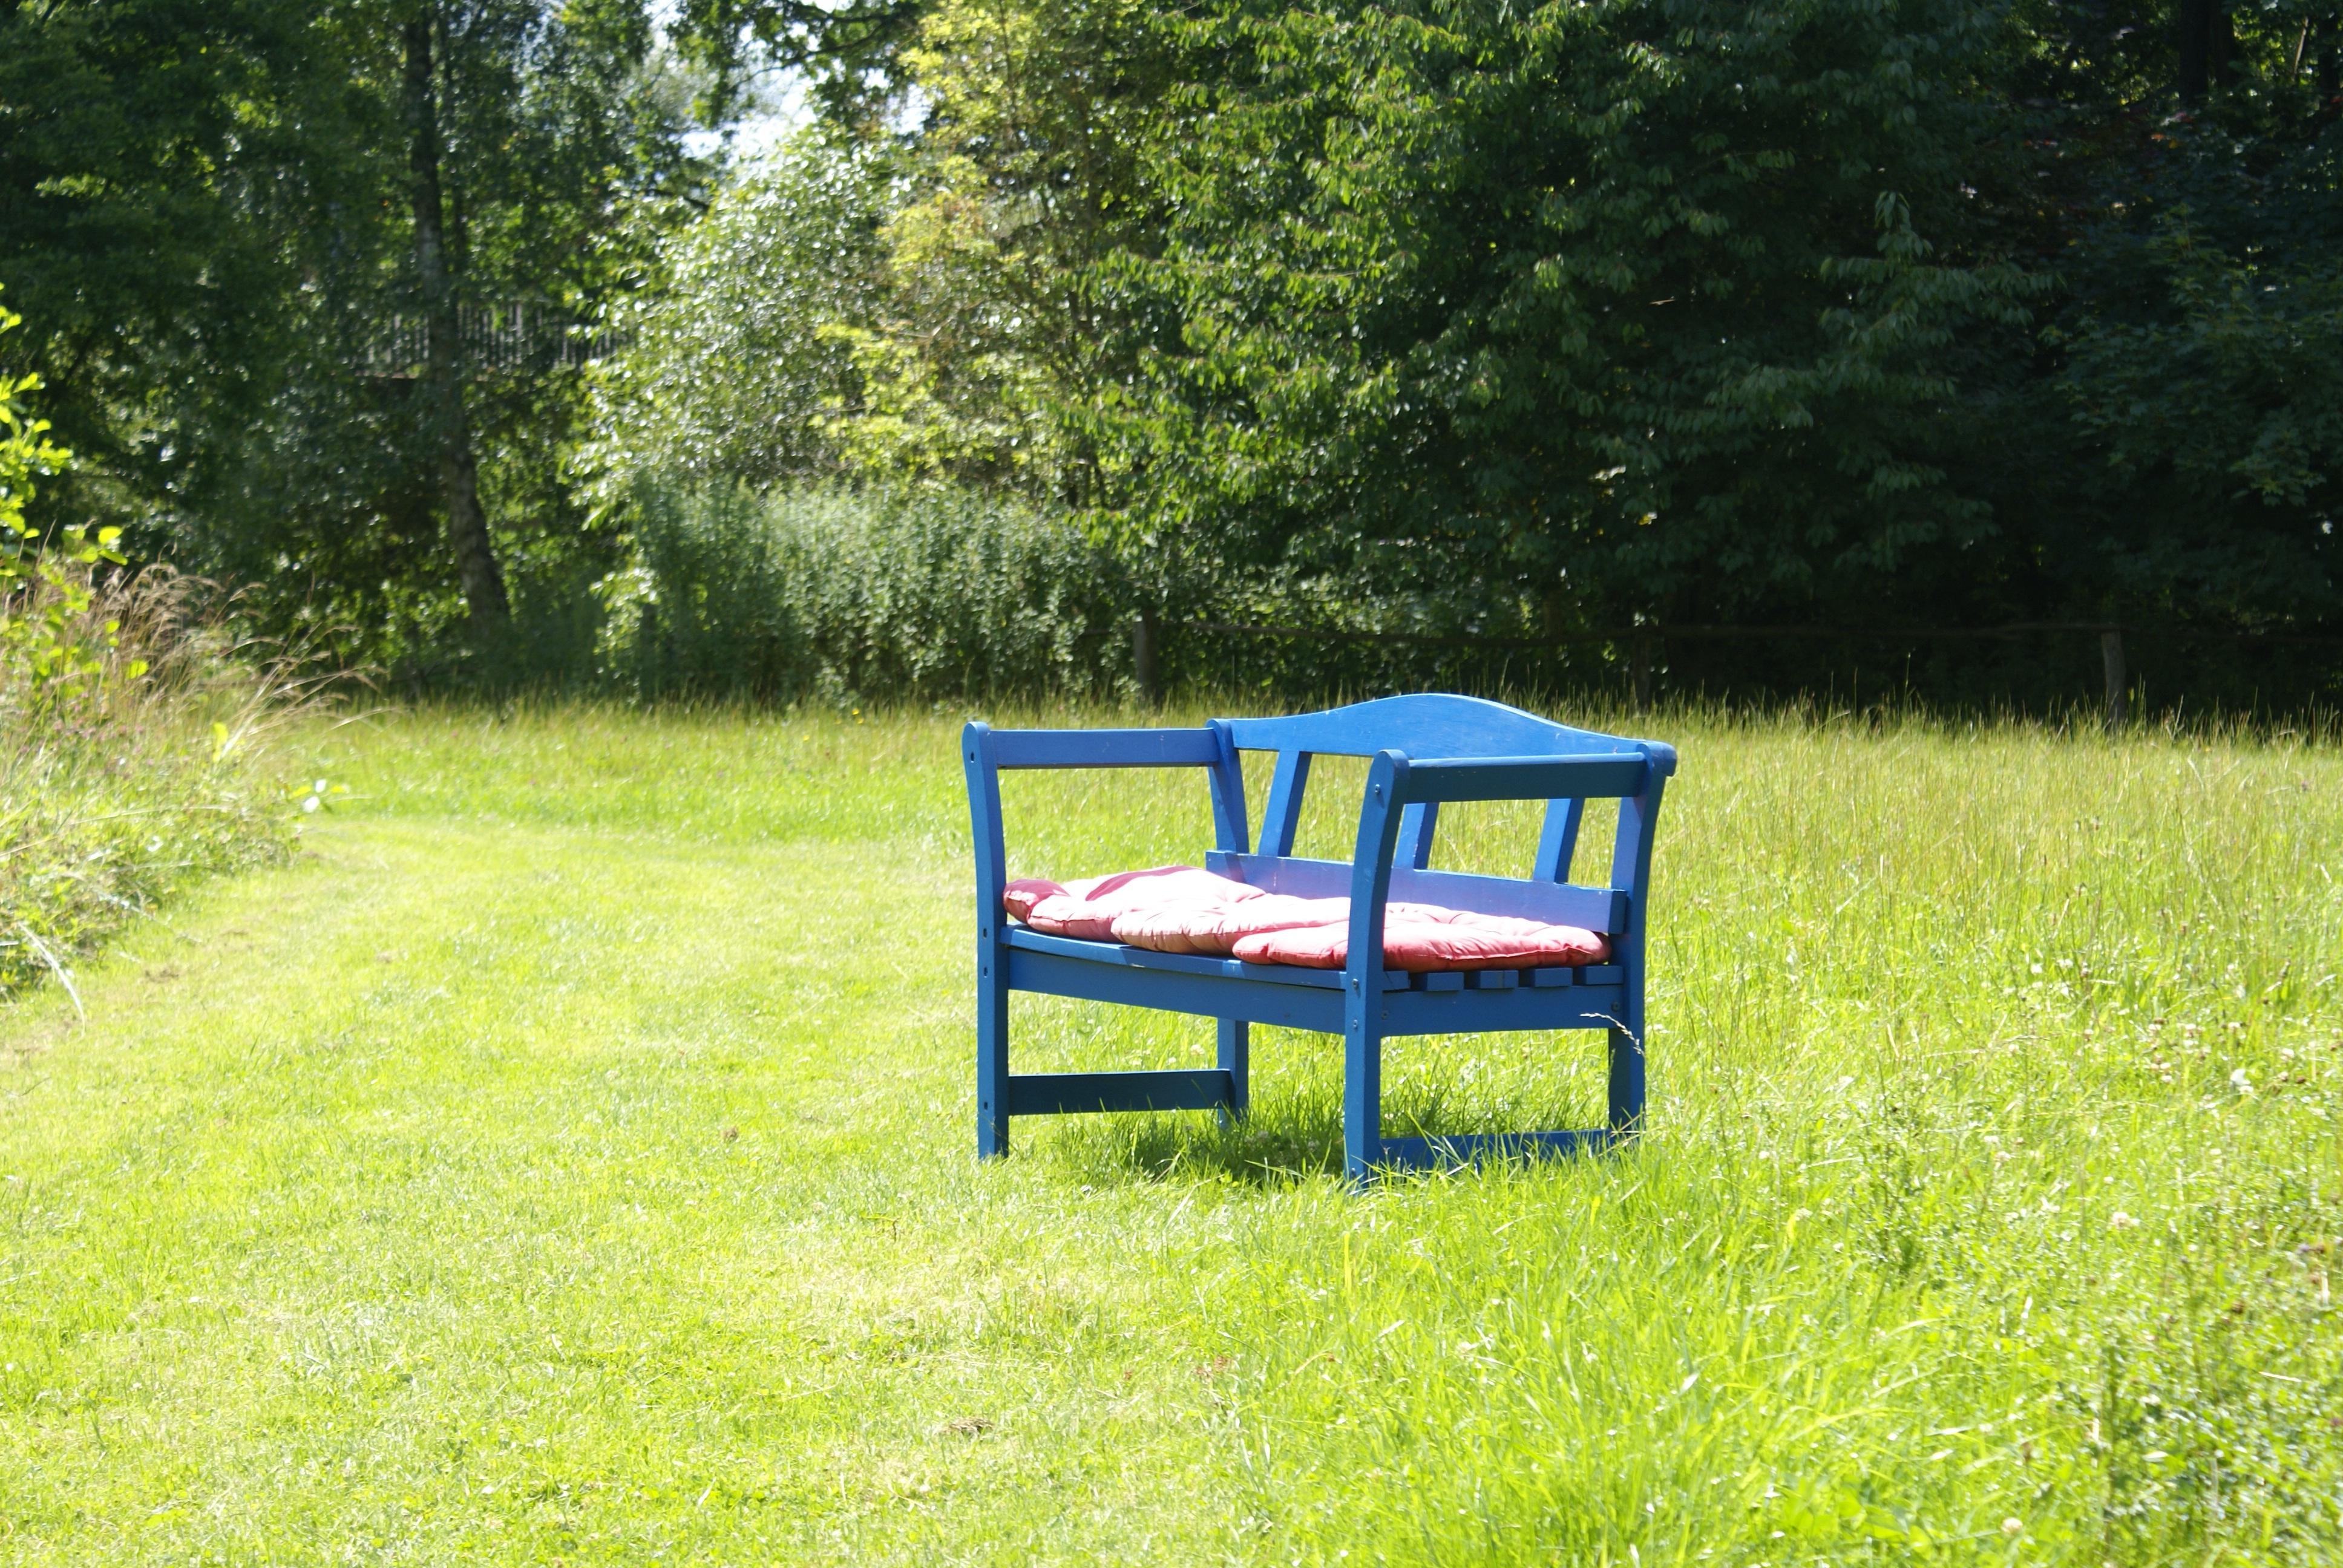 Fotos gratis : césped, prado, verde, patio interior, mueble, jardín ...